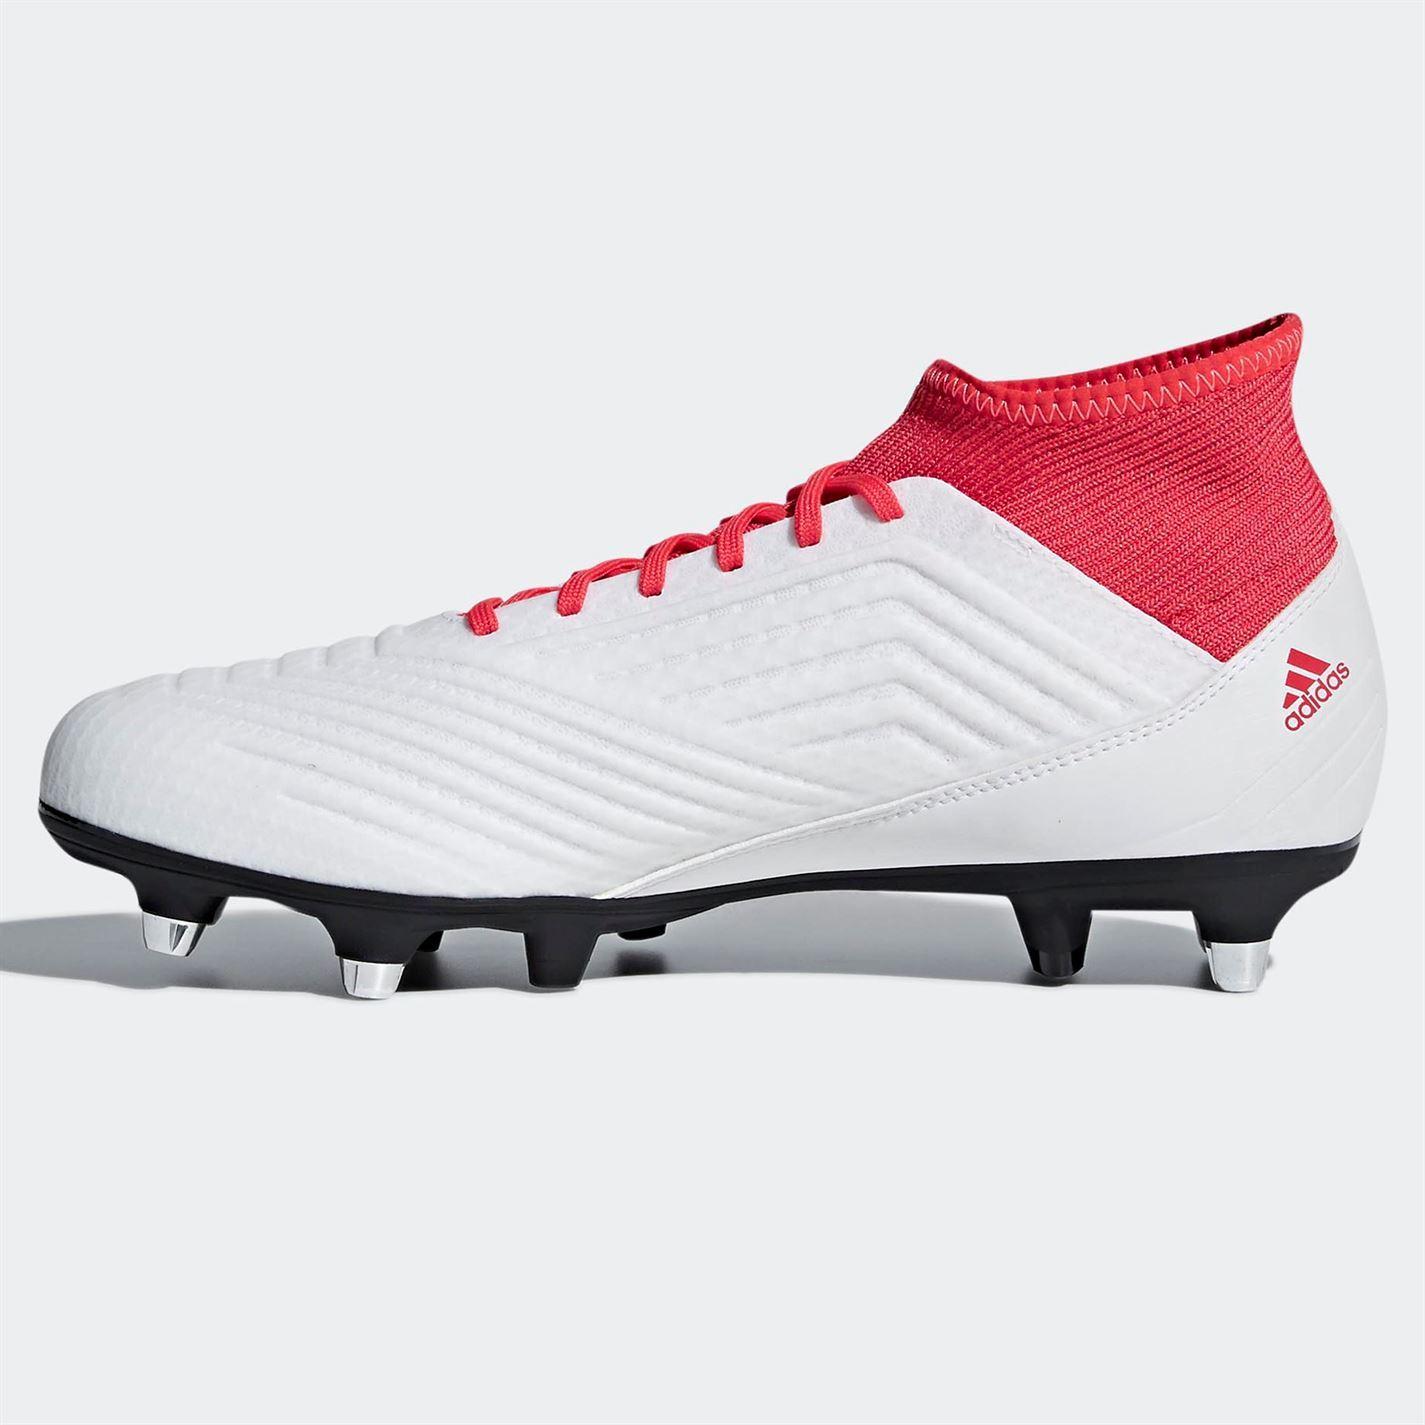 273d99f956d4c ... Adidas Predator 1 8.3 suave tierra fútbol botas para hombre blanco rojo  futbol tacos